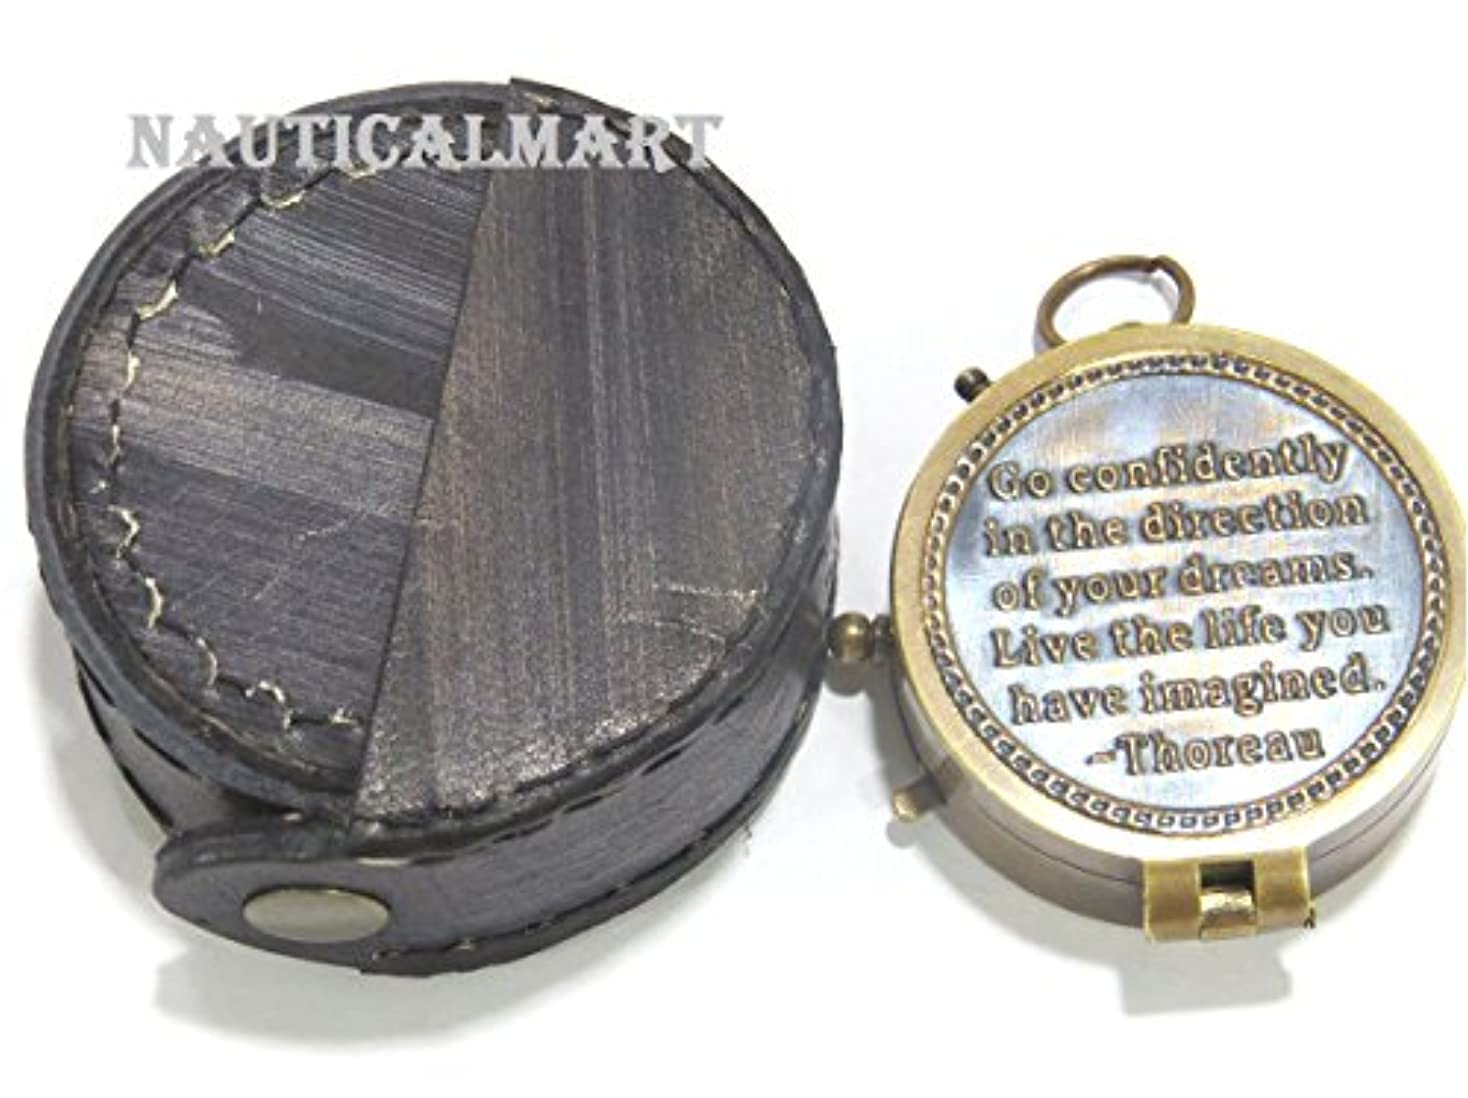 フェンスタイト伝統的NAUTICALMART Horeau 's Go Confidently真鍮詩ポケットコンパス、美しいレザーケース